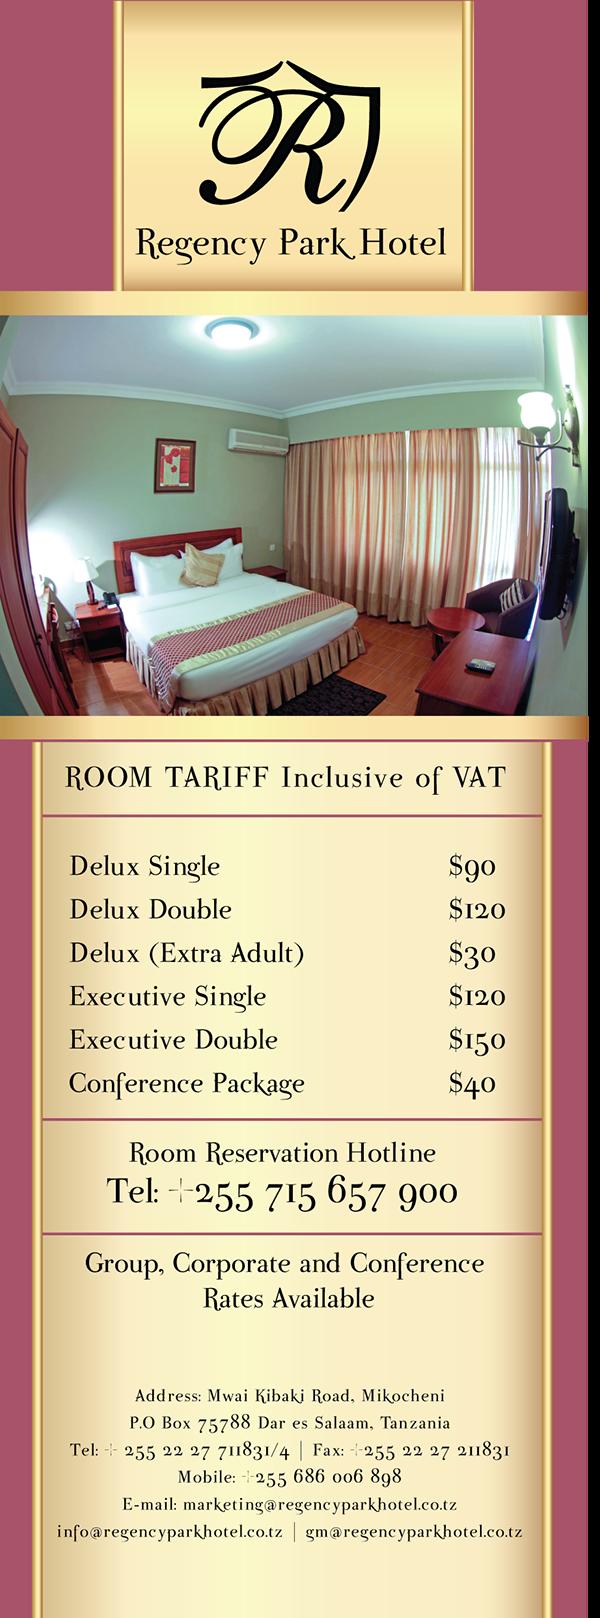 Regency Park Hotel Room Rate Card On Pantone Canvas Gallery